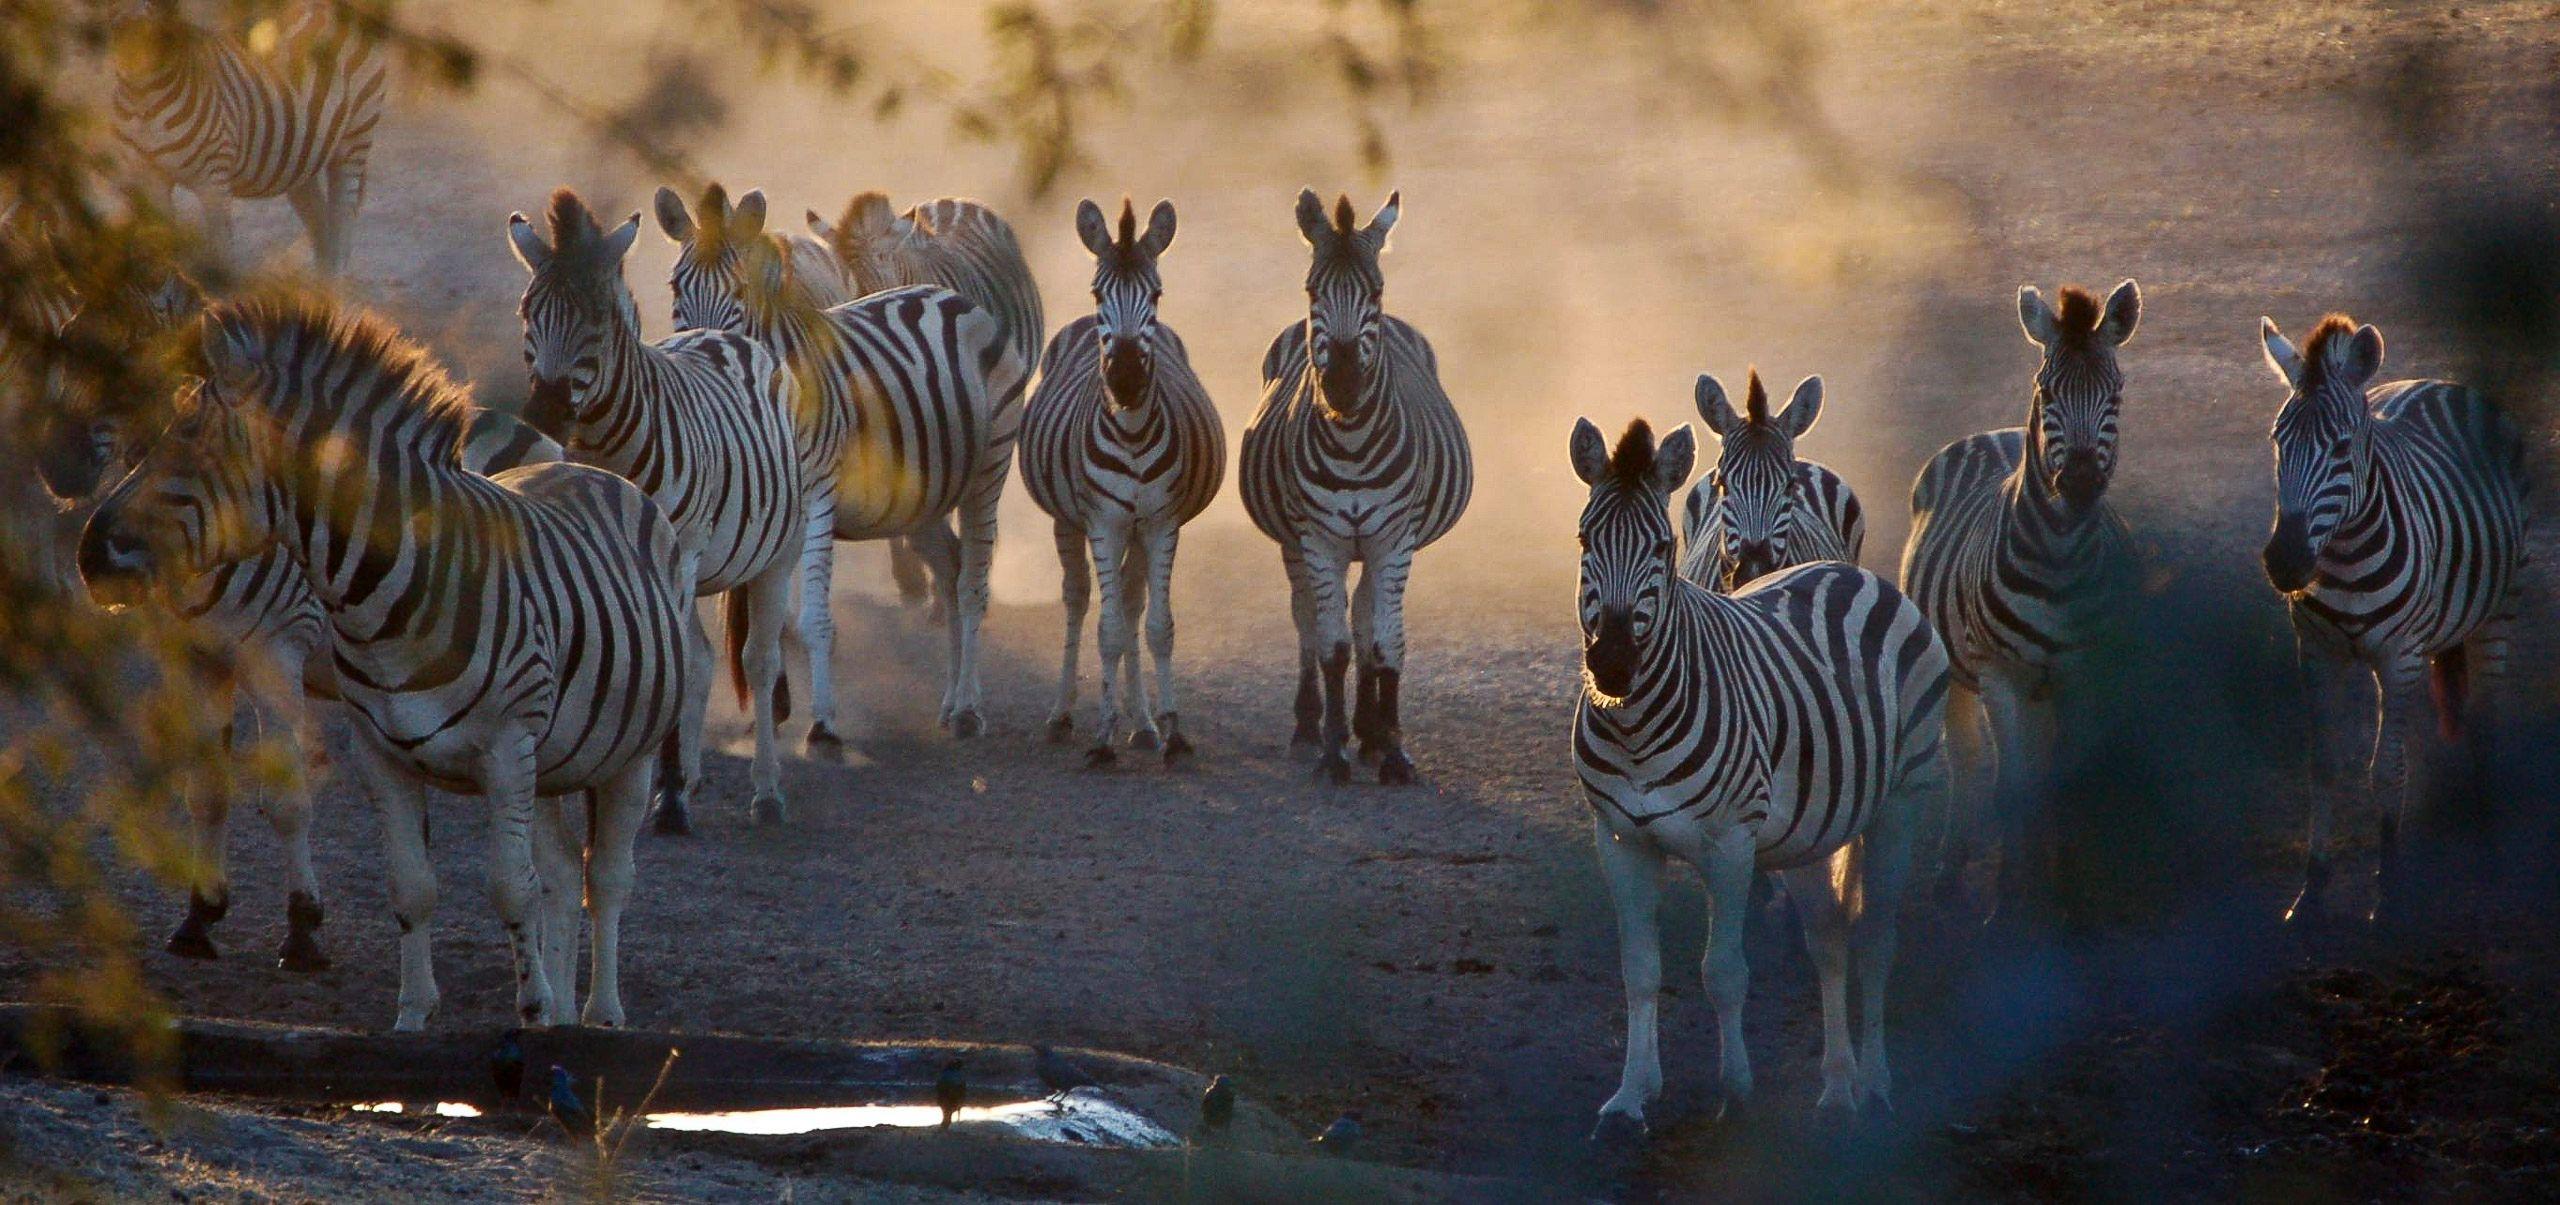 botswana_zebras_dusk_group.jpg